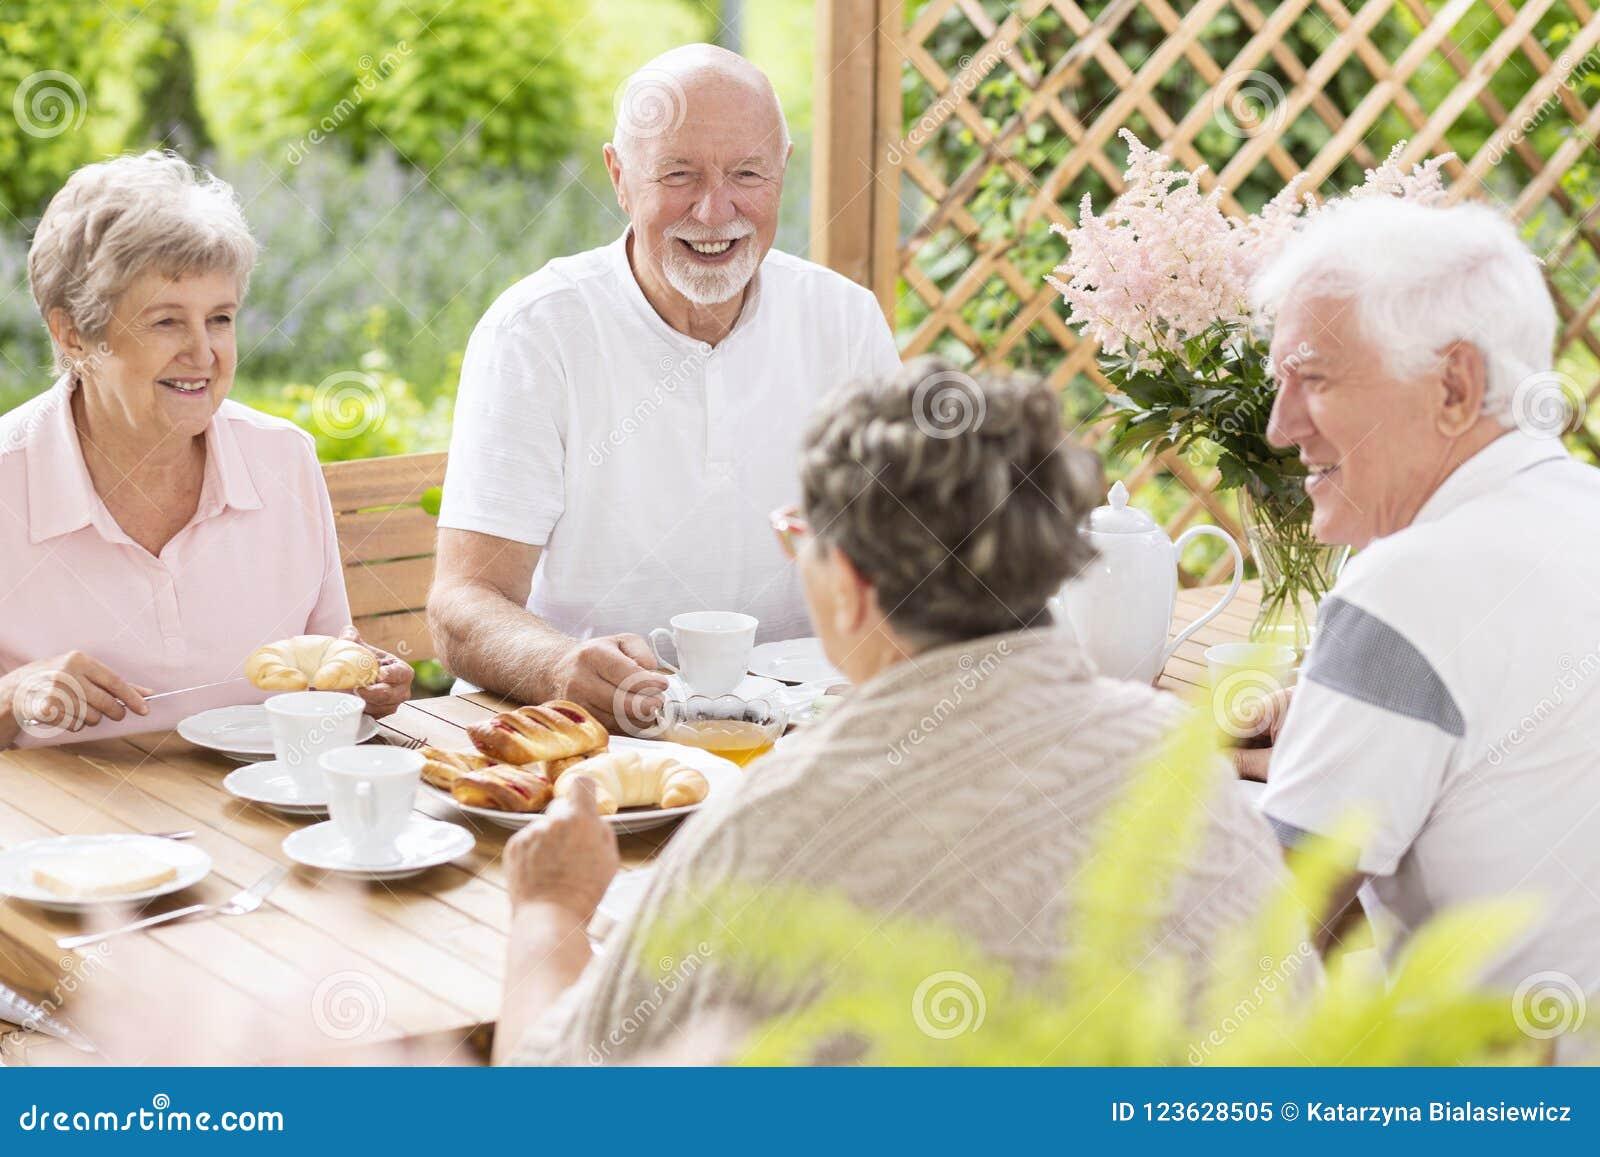 Glückliche und lächelnde ältere Leute, die Spaß beim Essen von breakfas haben